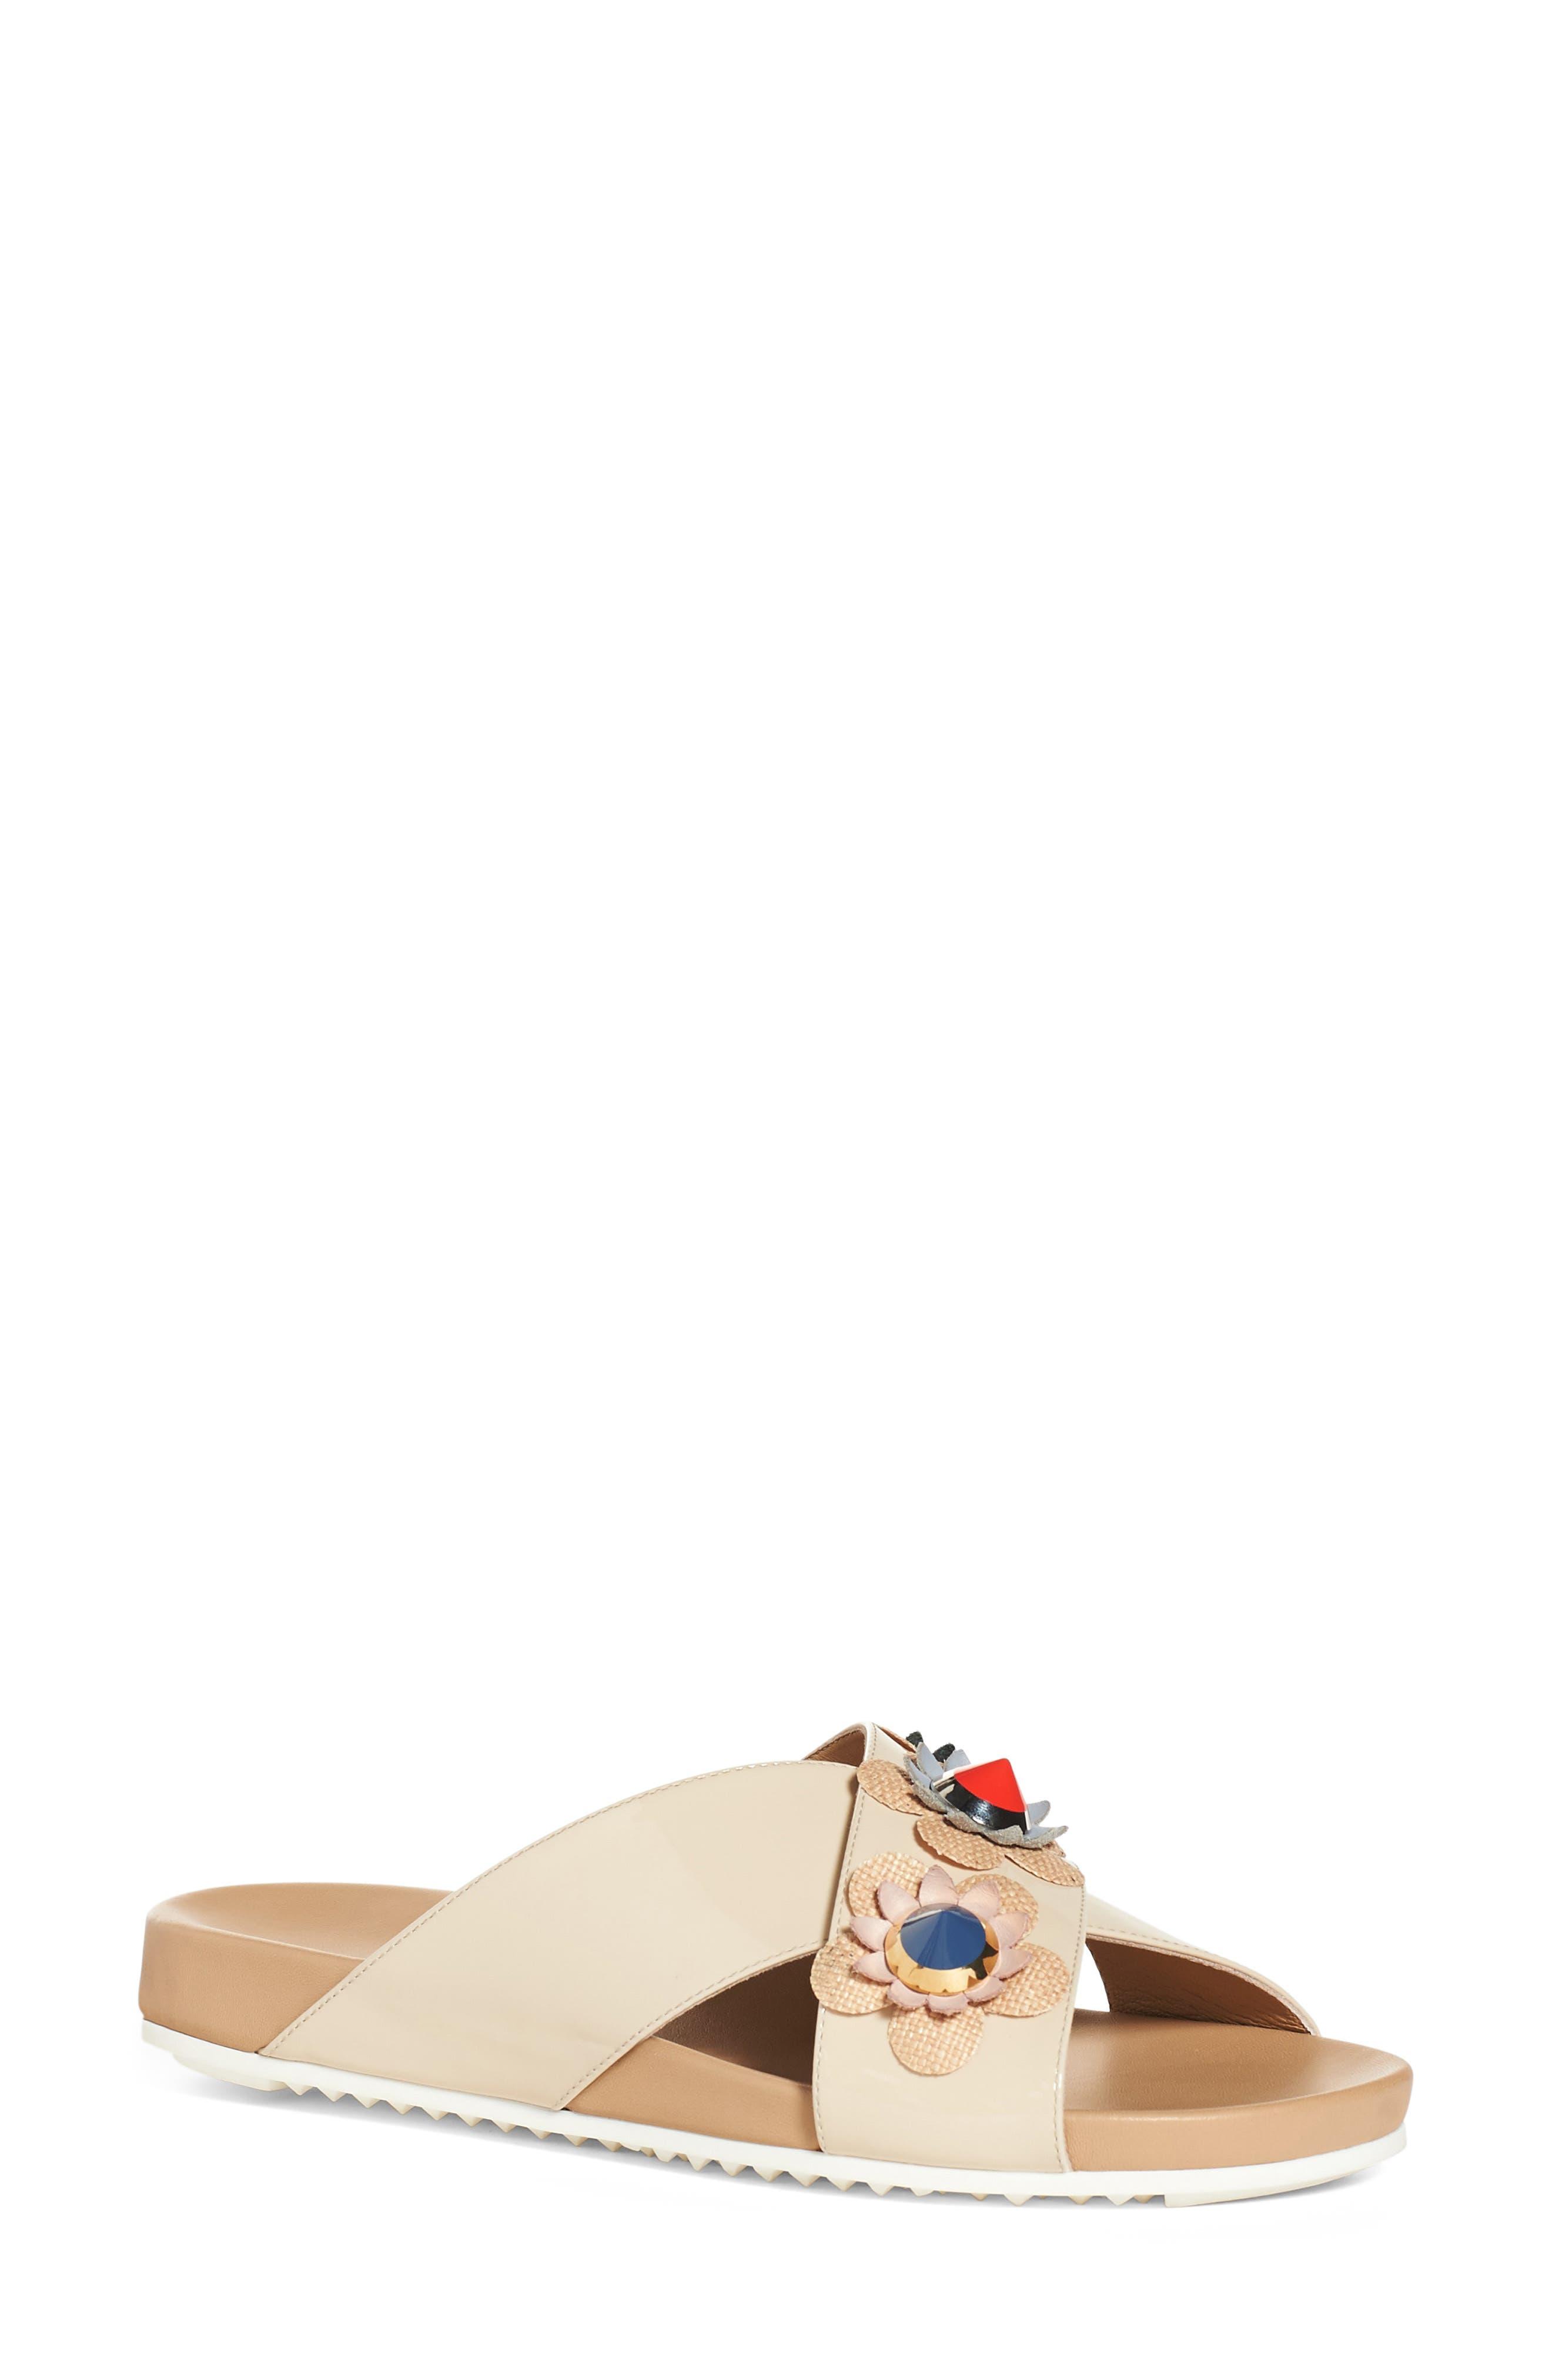 Main Image - Fendi Flowerland Slide Sandal (Women)